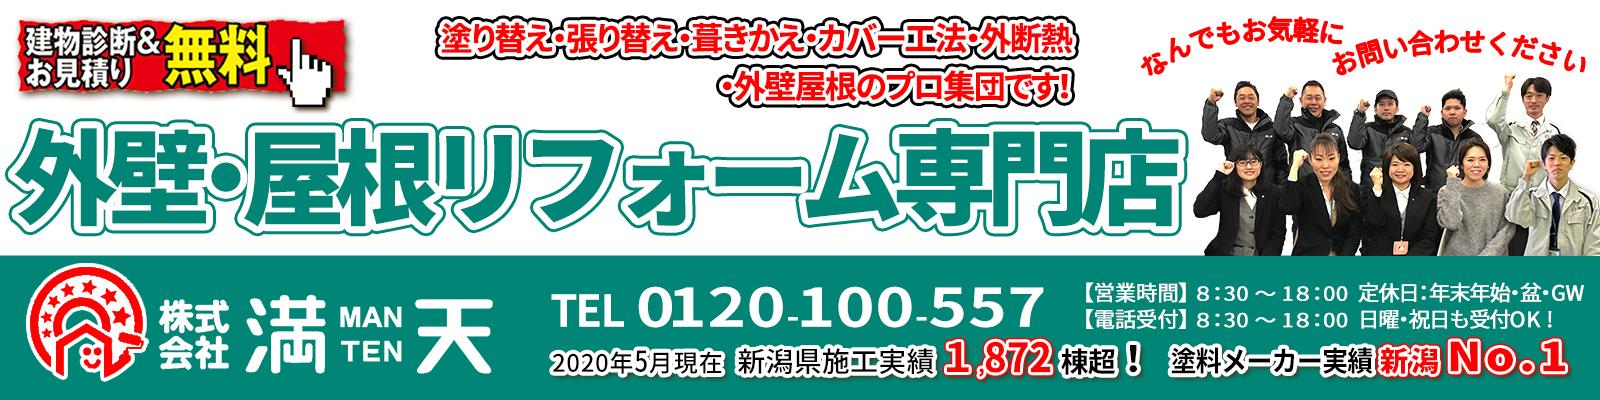 外壁屋根塗装専門店、株式会社満天。営業時間9:00-19:00。新潟県施工実績ナンバーワン。建物診断、お見積り無料。塗り替え、張替え、葺き替え、カバー工法、外断熱、外壁屋根のプロ集団です!